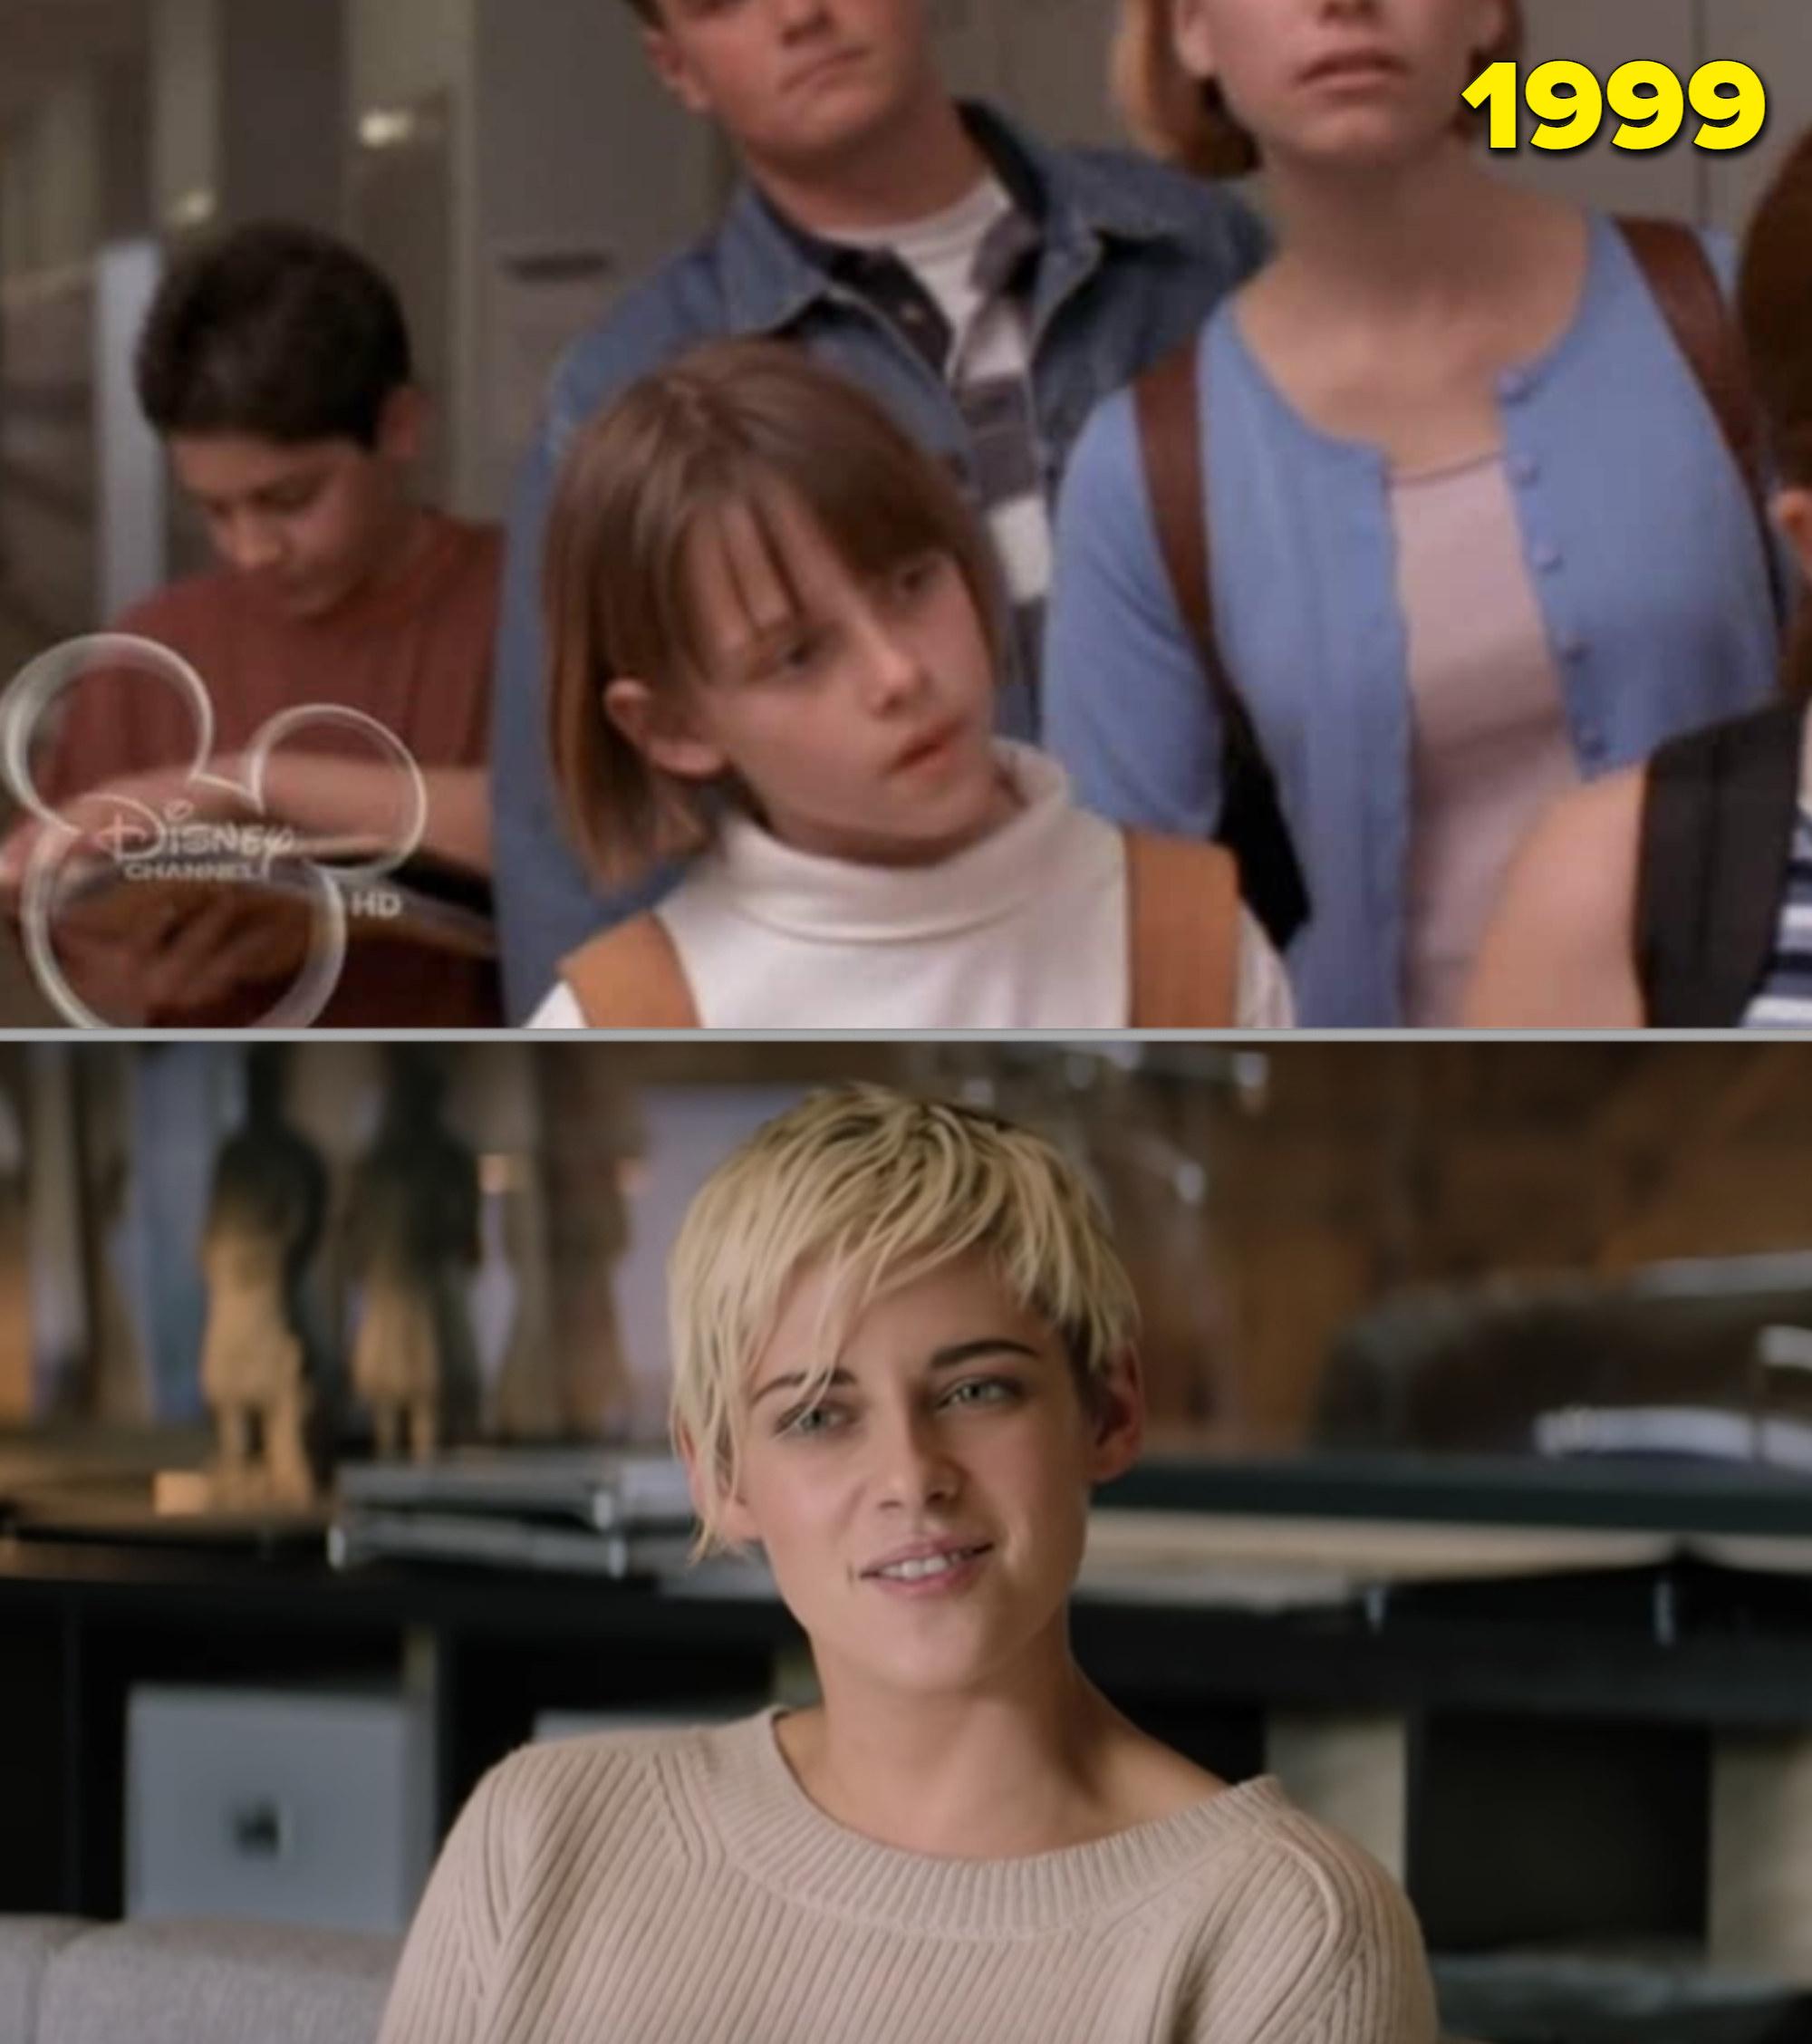 Kristen Stewart as a kid vs. as an adult in an interview